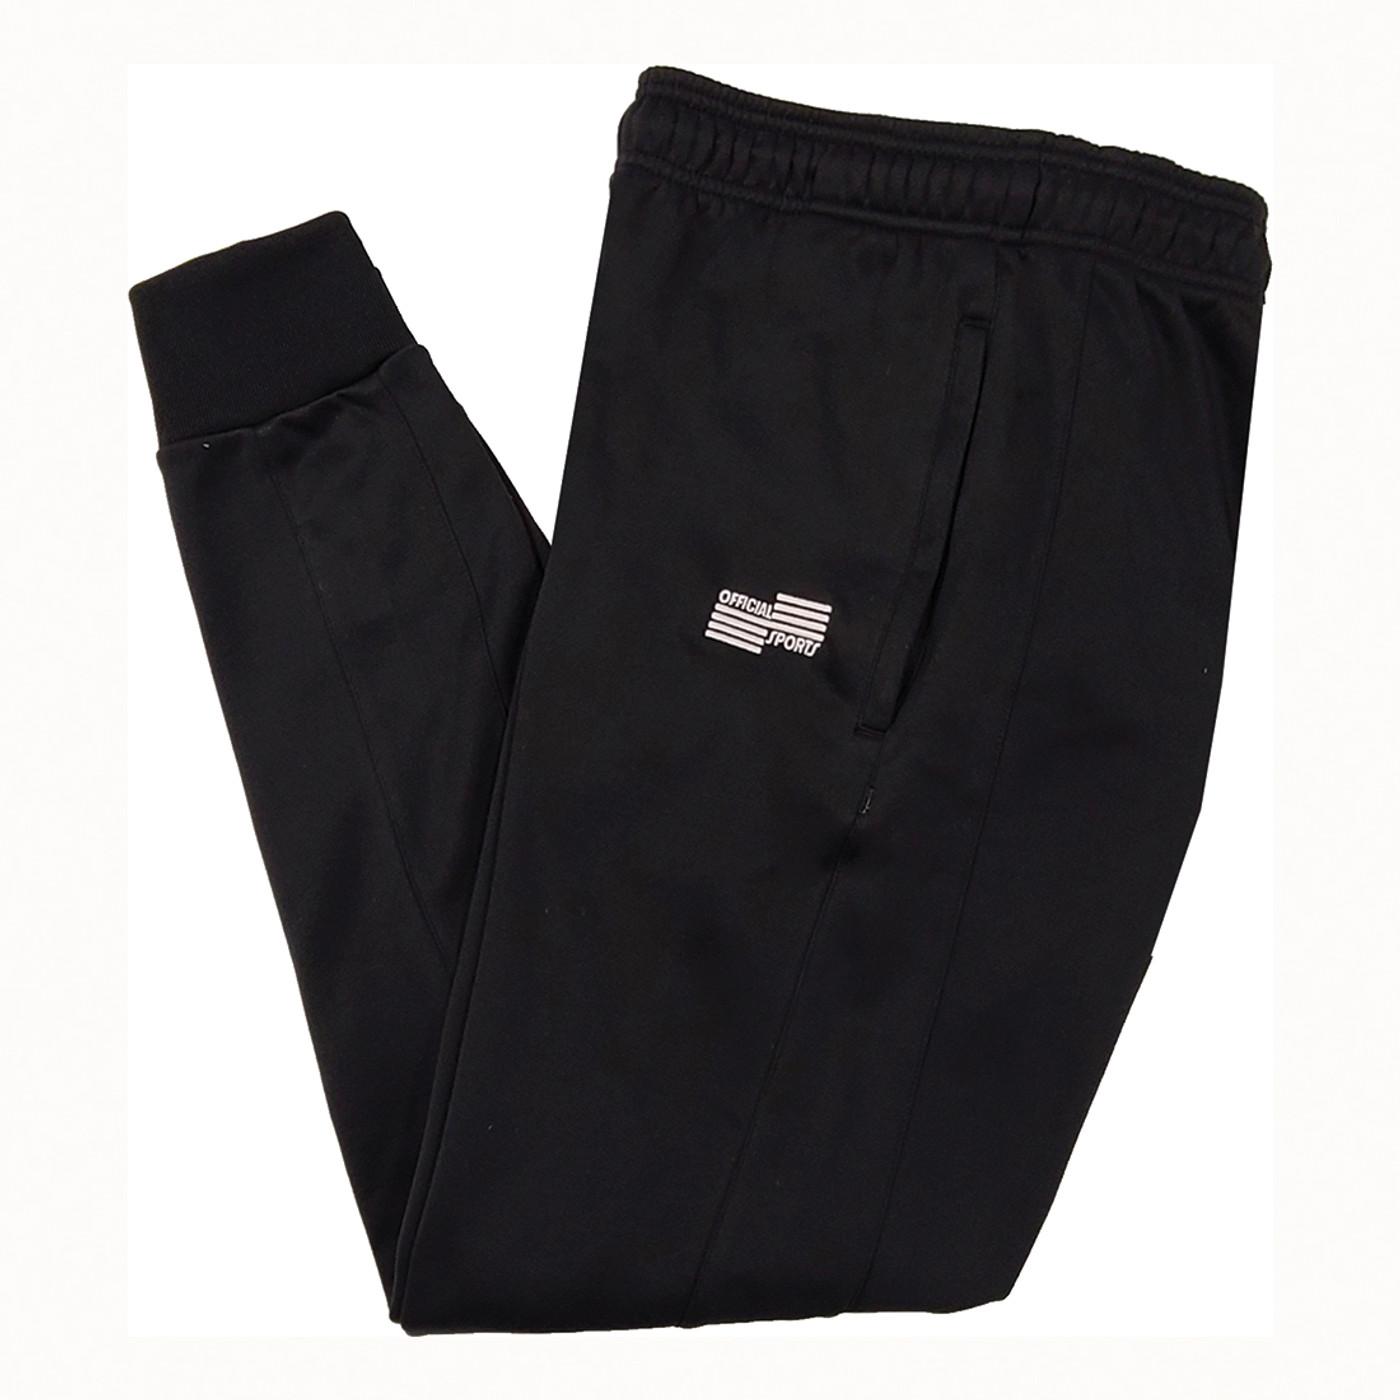 1161PN NISOA Tapered Leg Jogger Pant